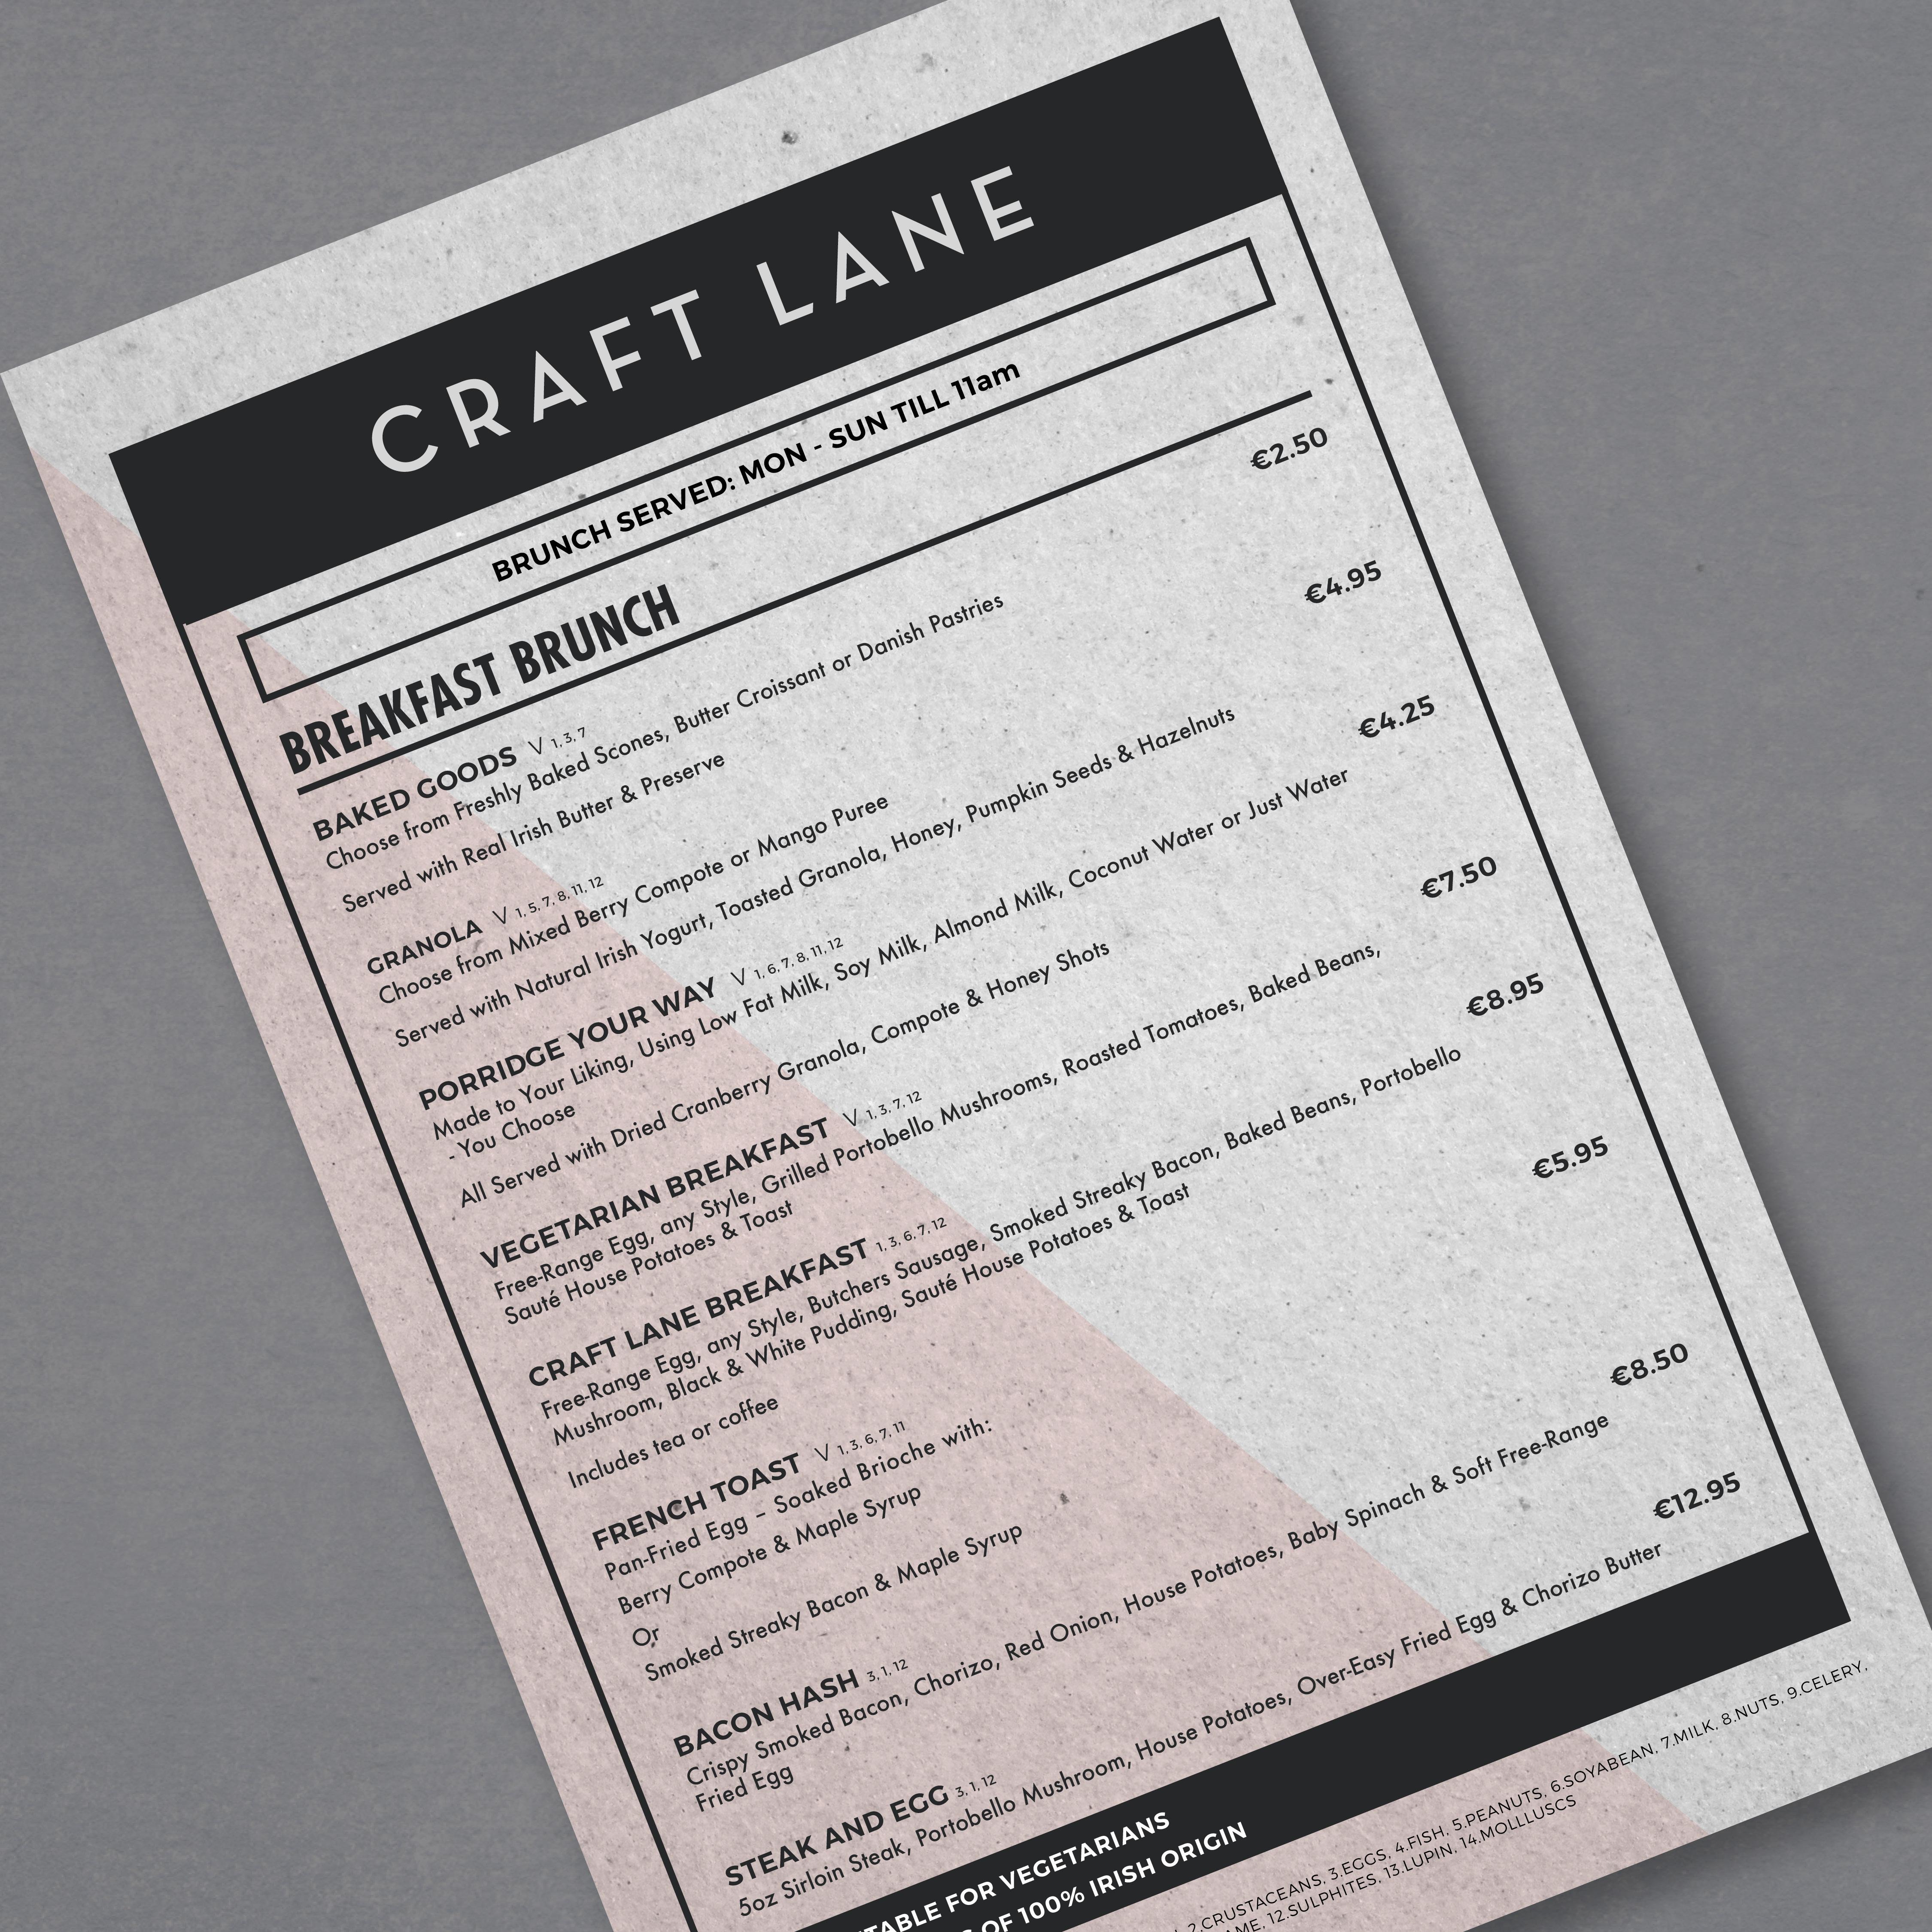 Craft Lane_Branding